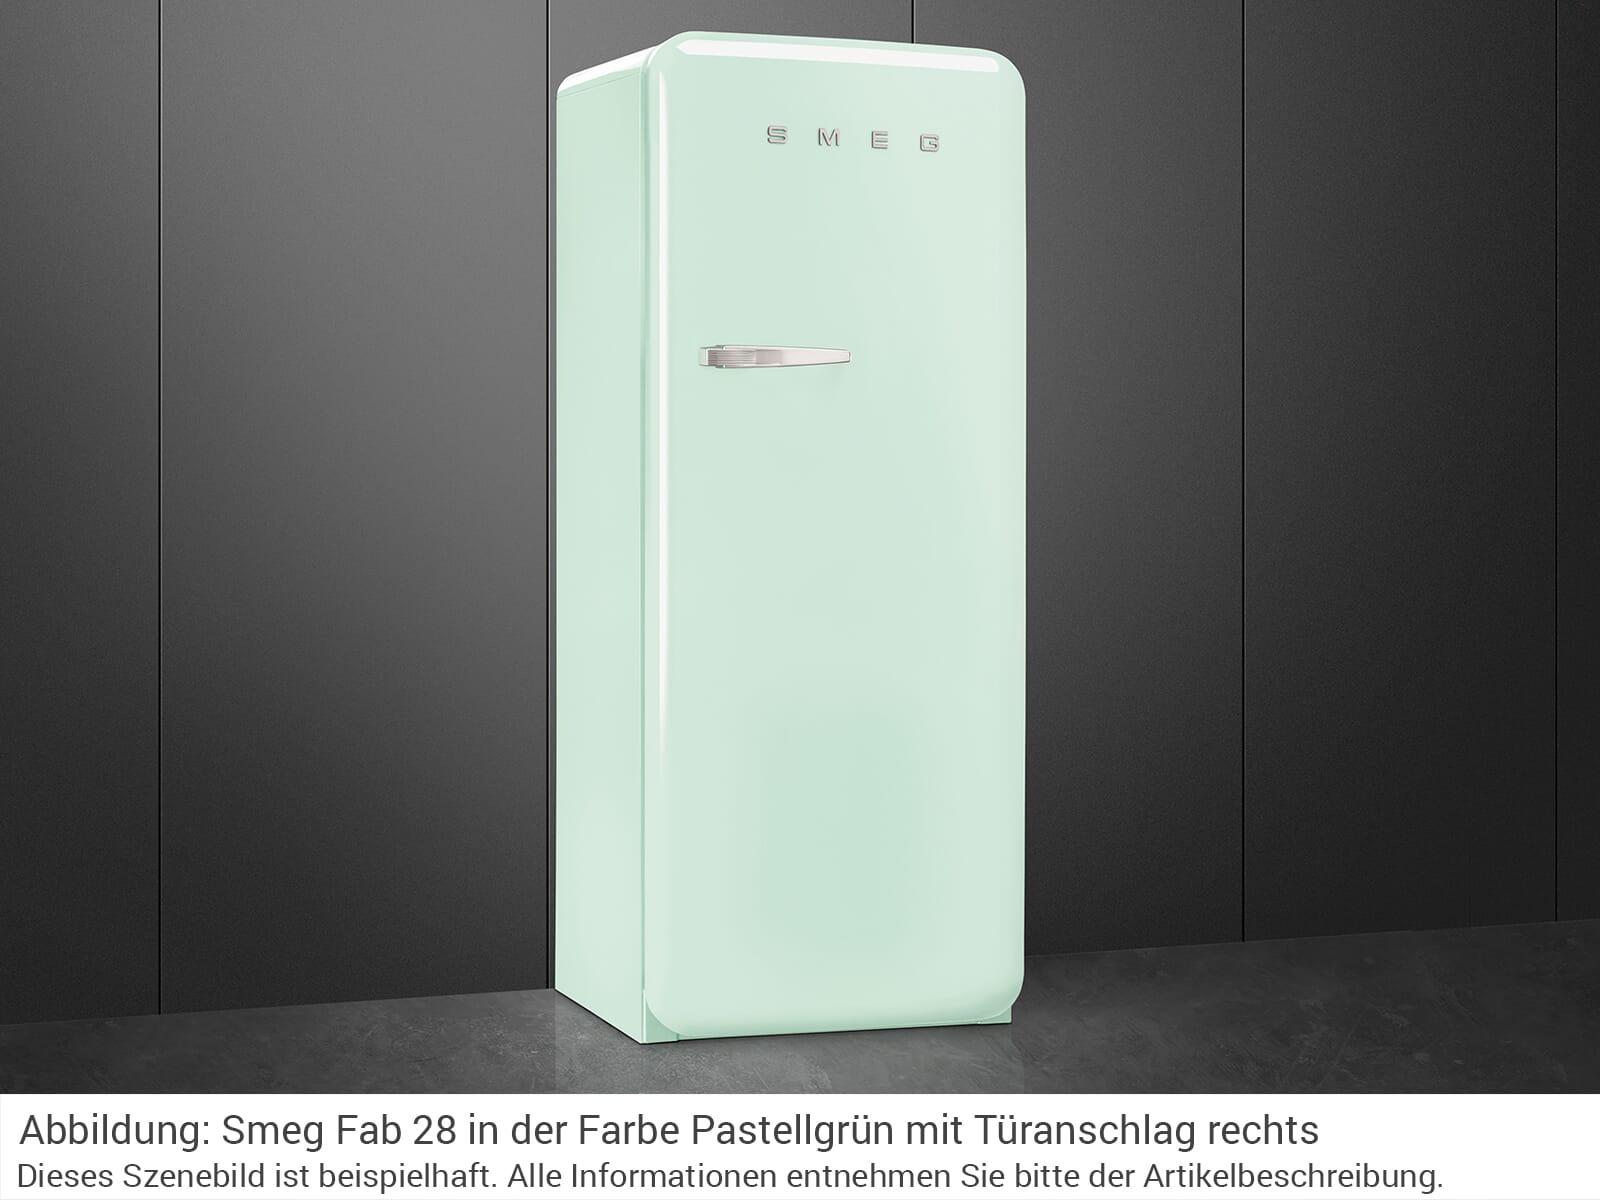 Smeg Kühlschrank Pastellgrün : Smeg fab lpg standkühlschrank pastellgrün